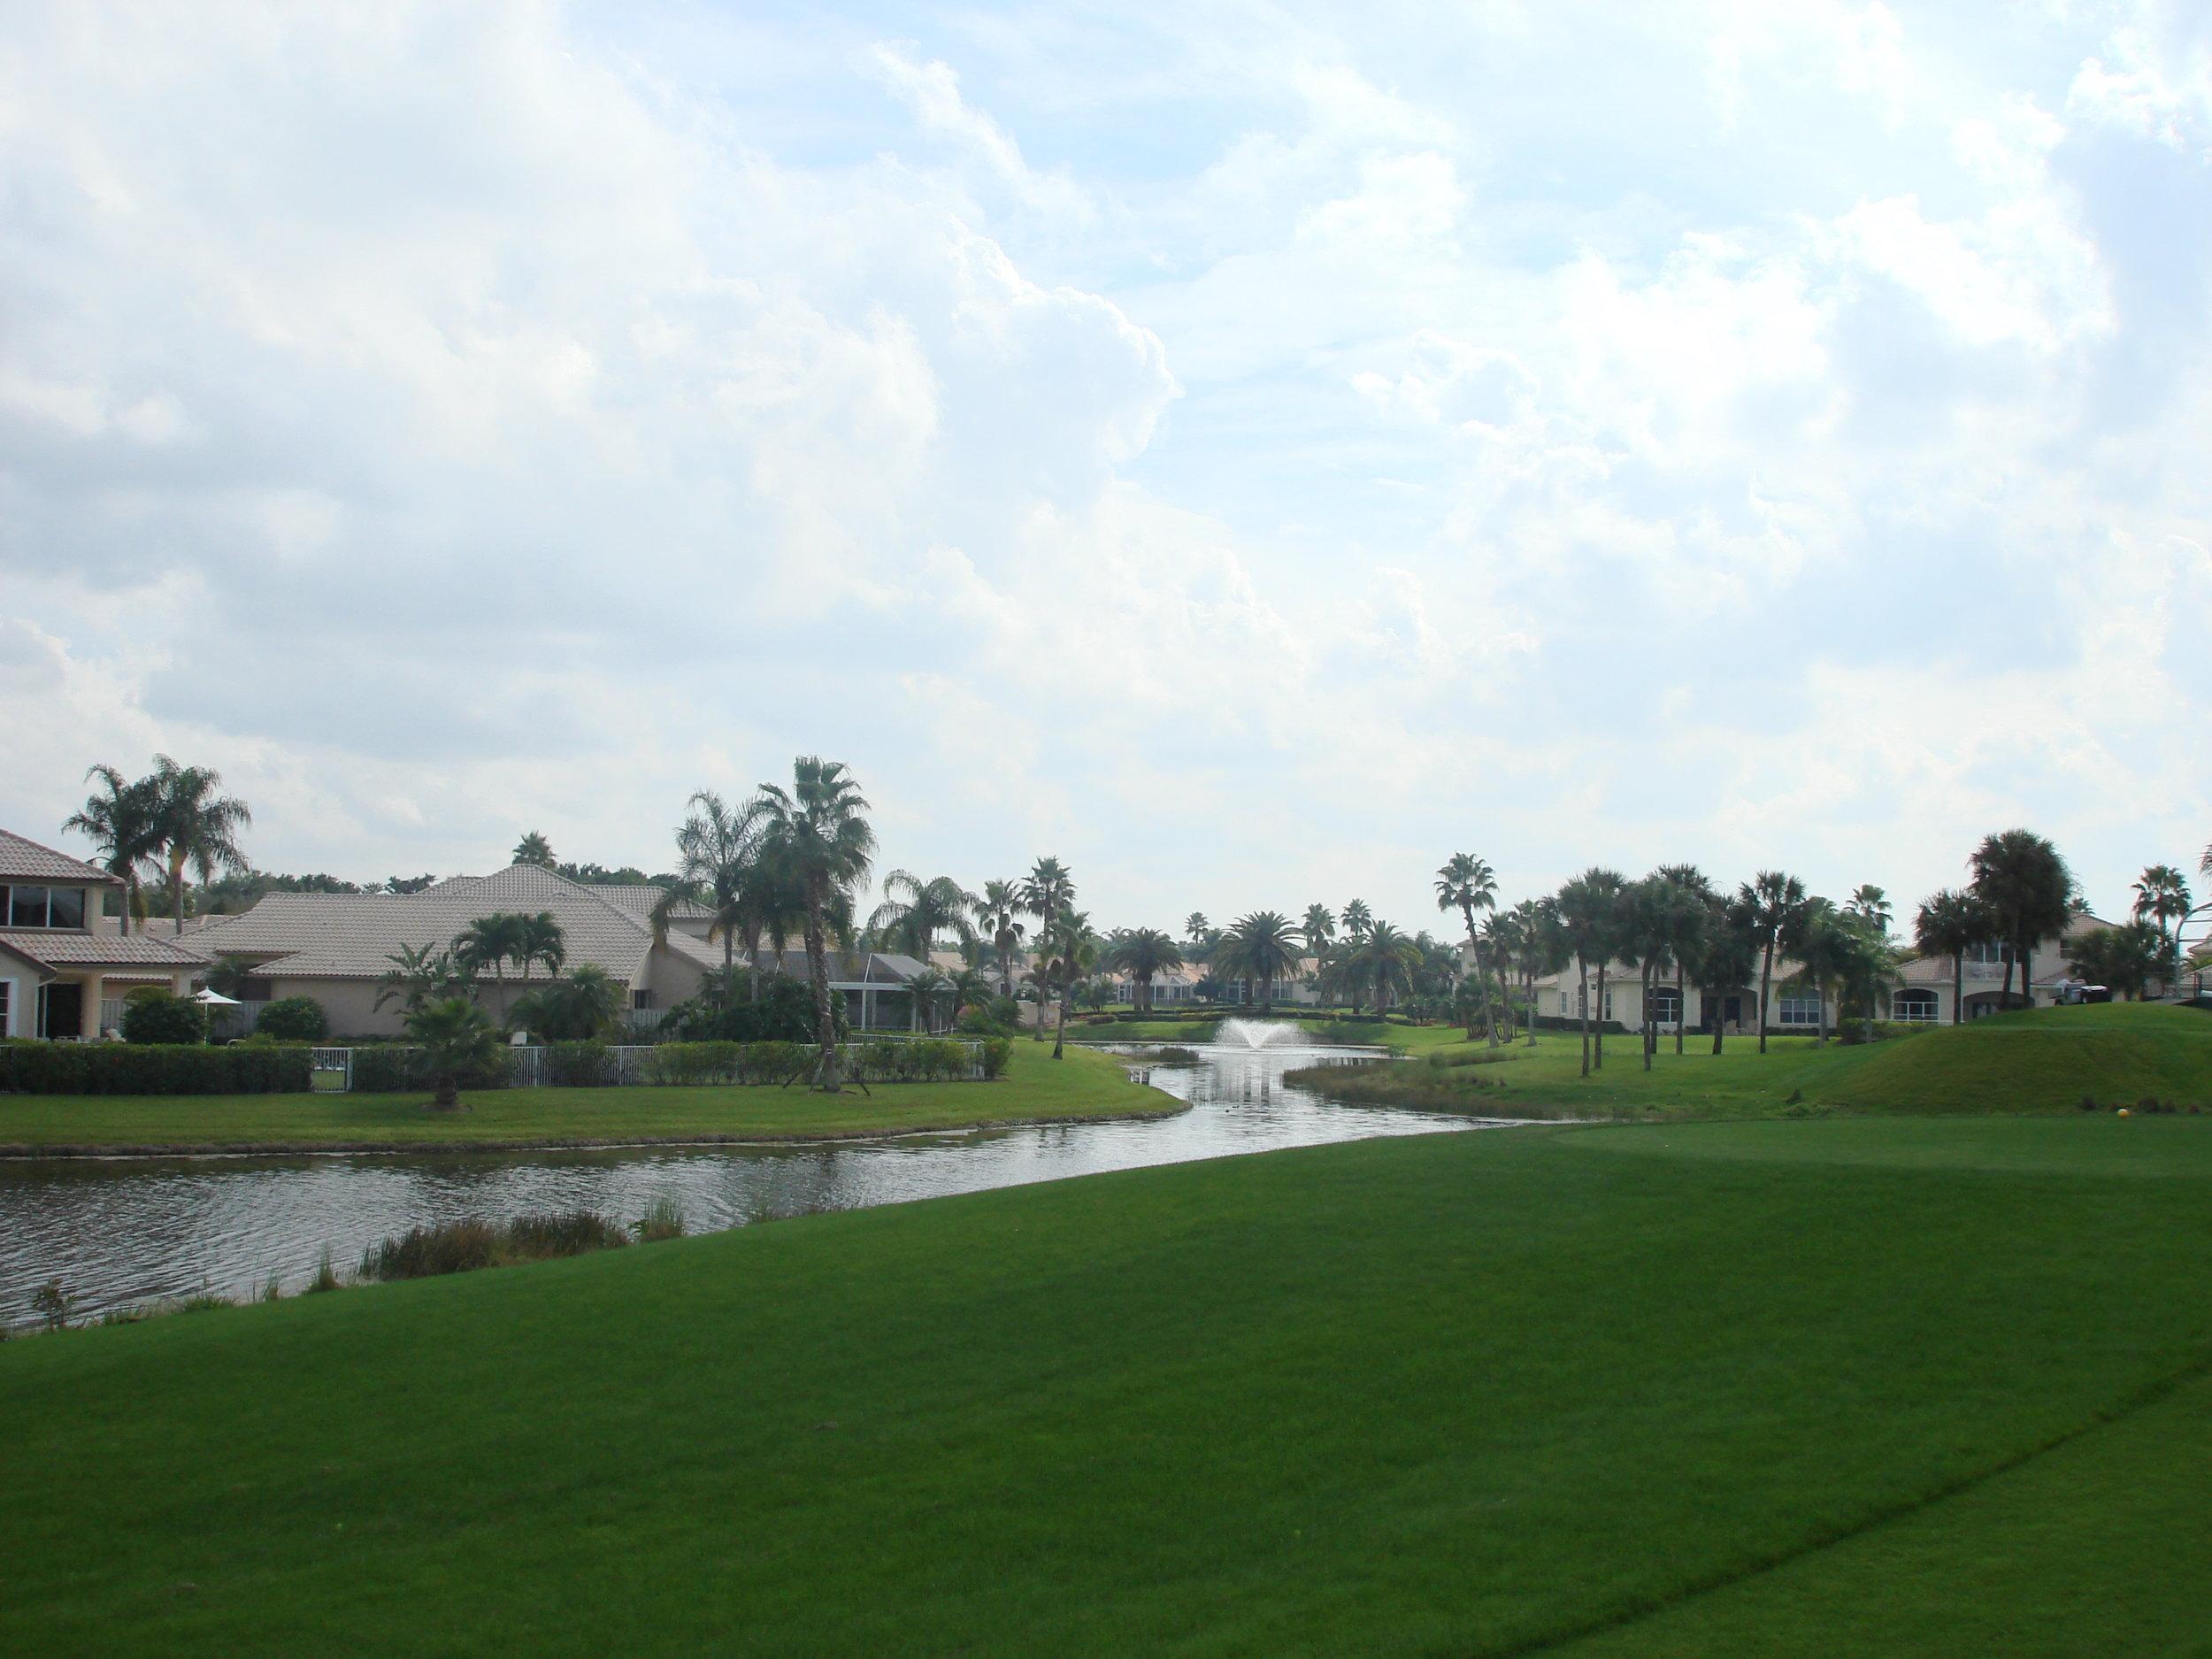 West Palm BeachDSC00080.jpg